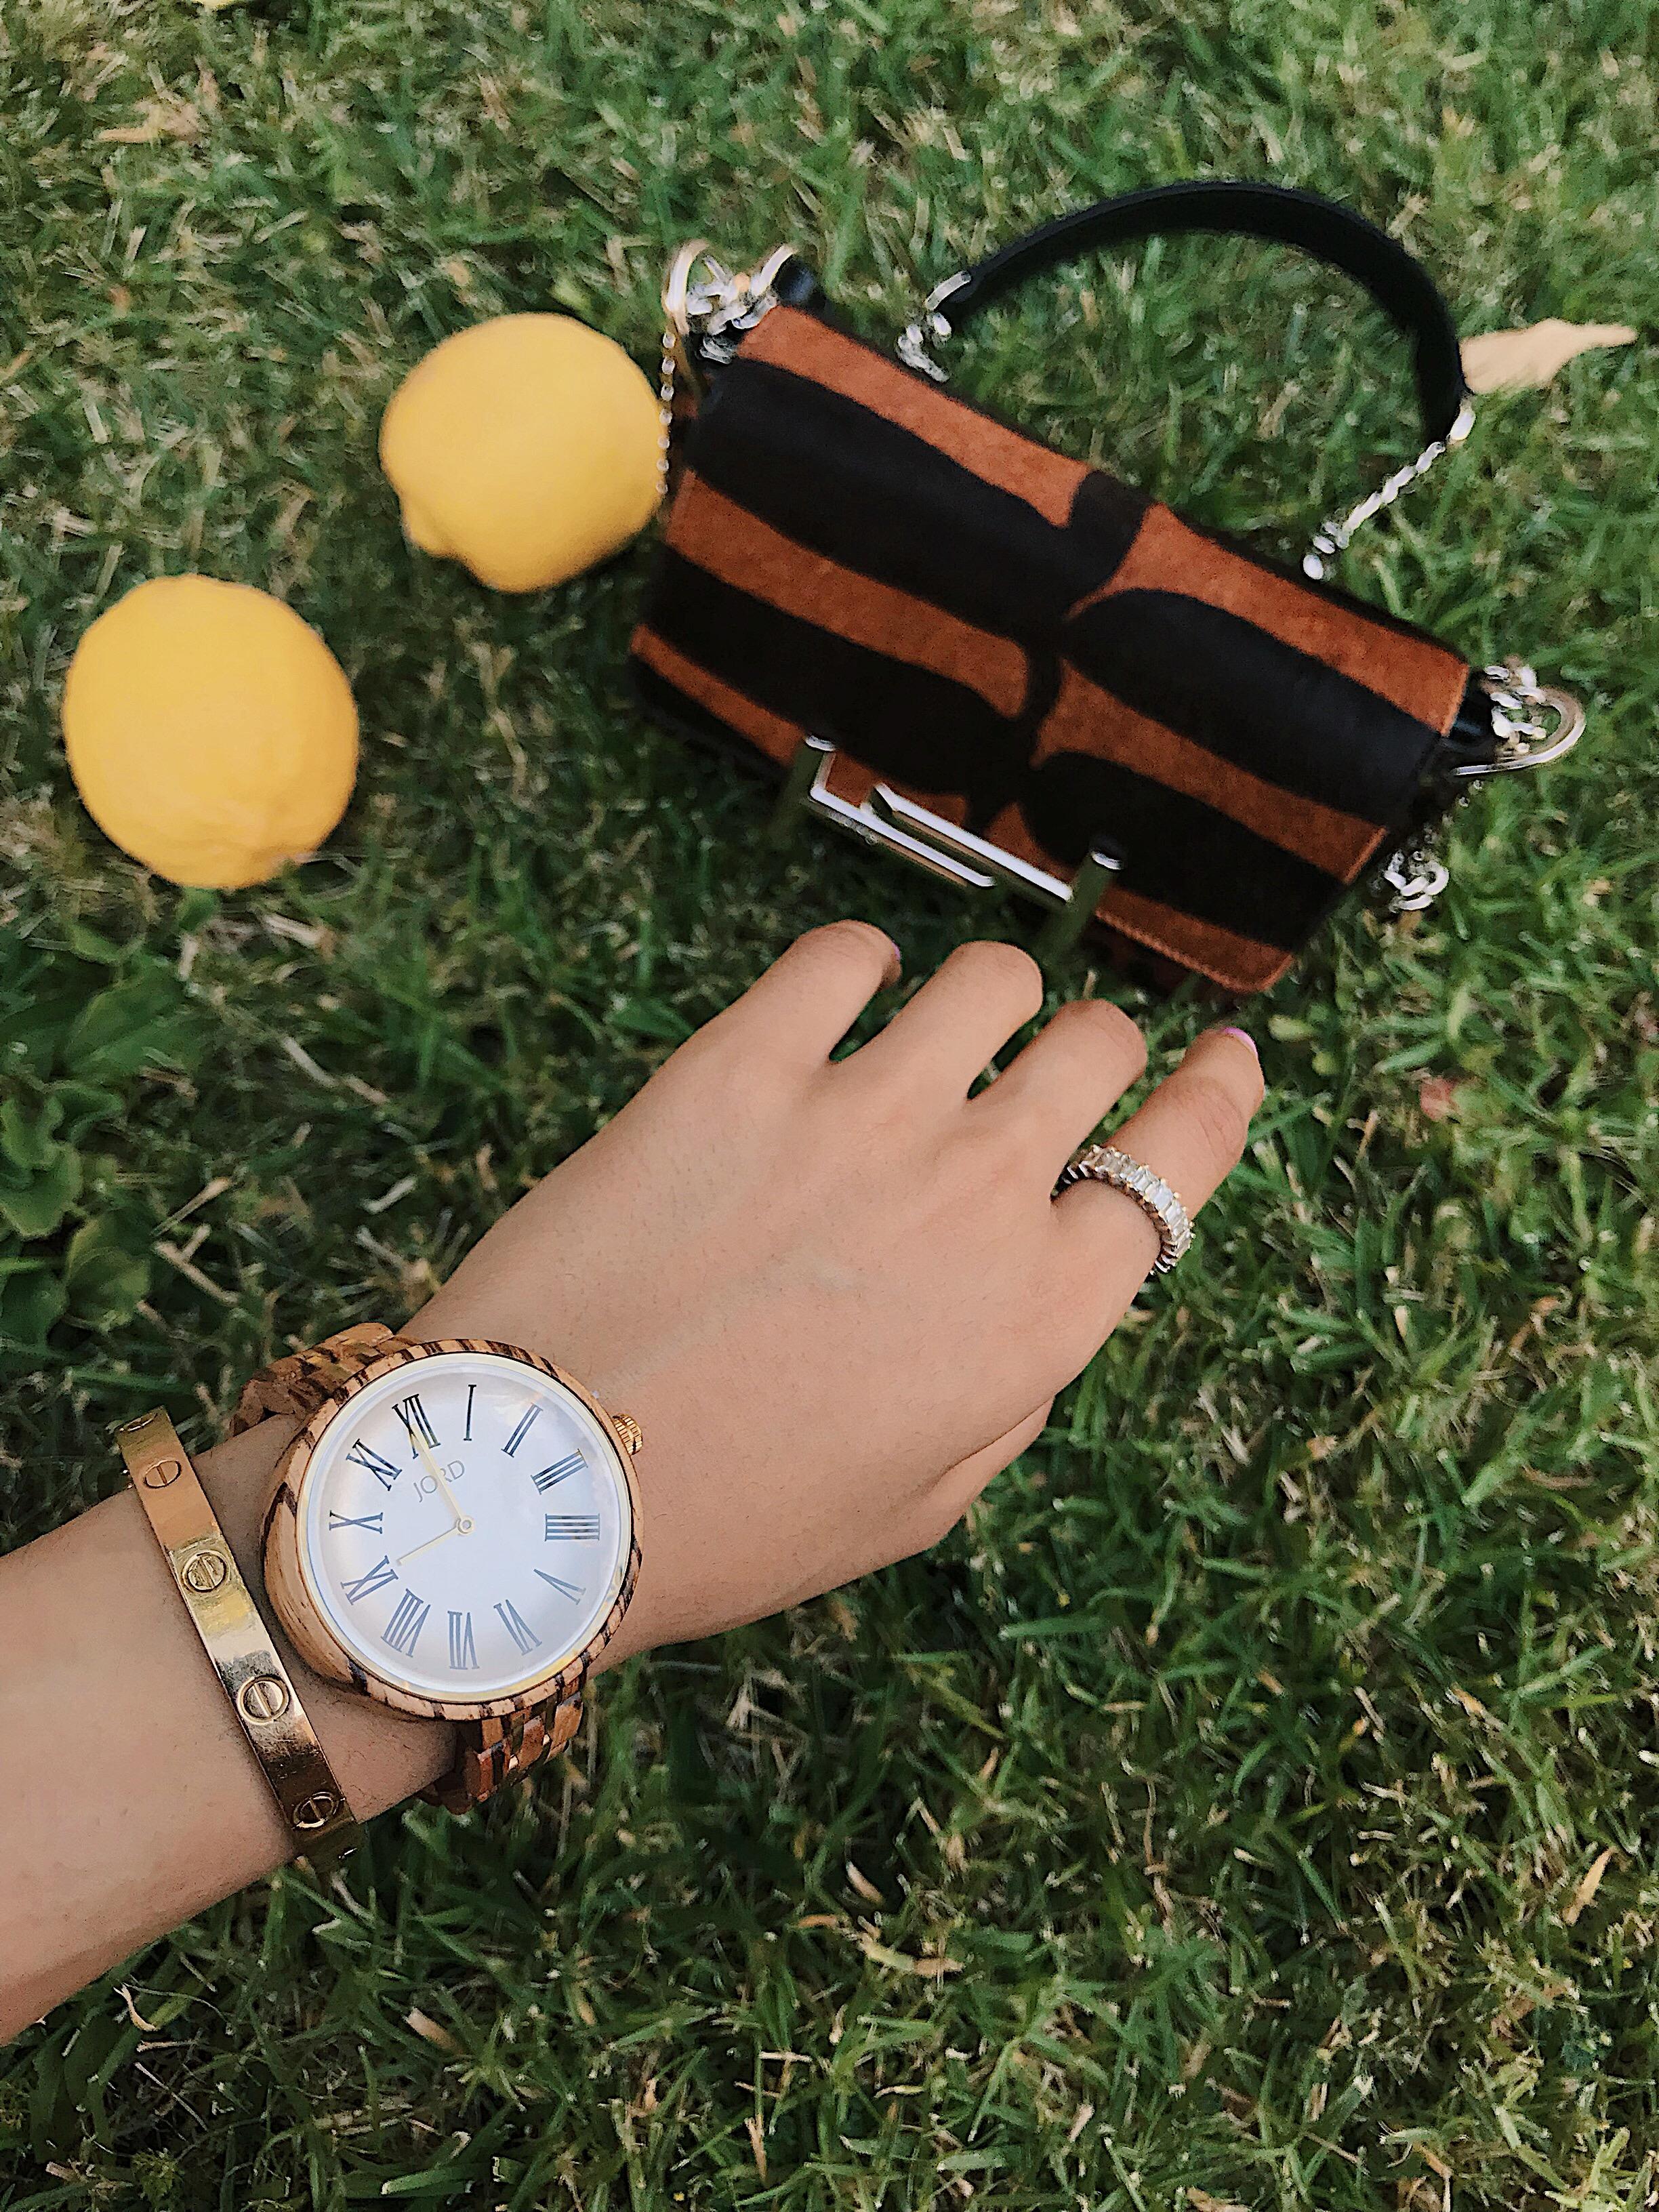 f3e54ac32e7e JORD Watches  Giveaway – Stylebymalvika